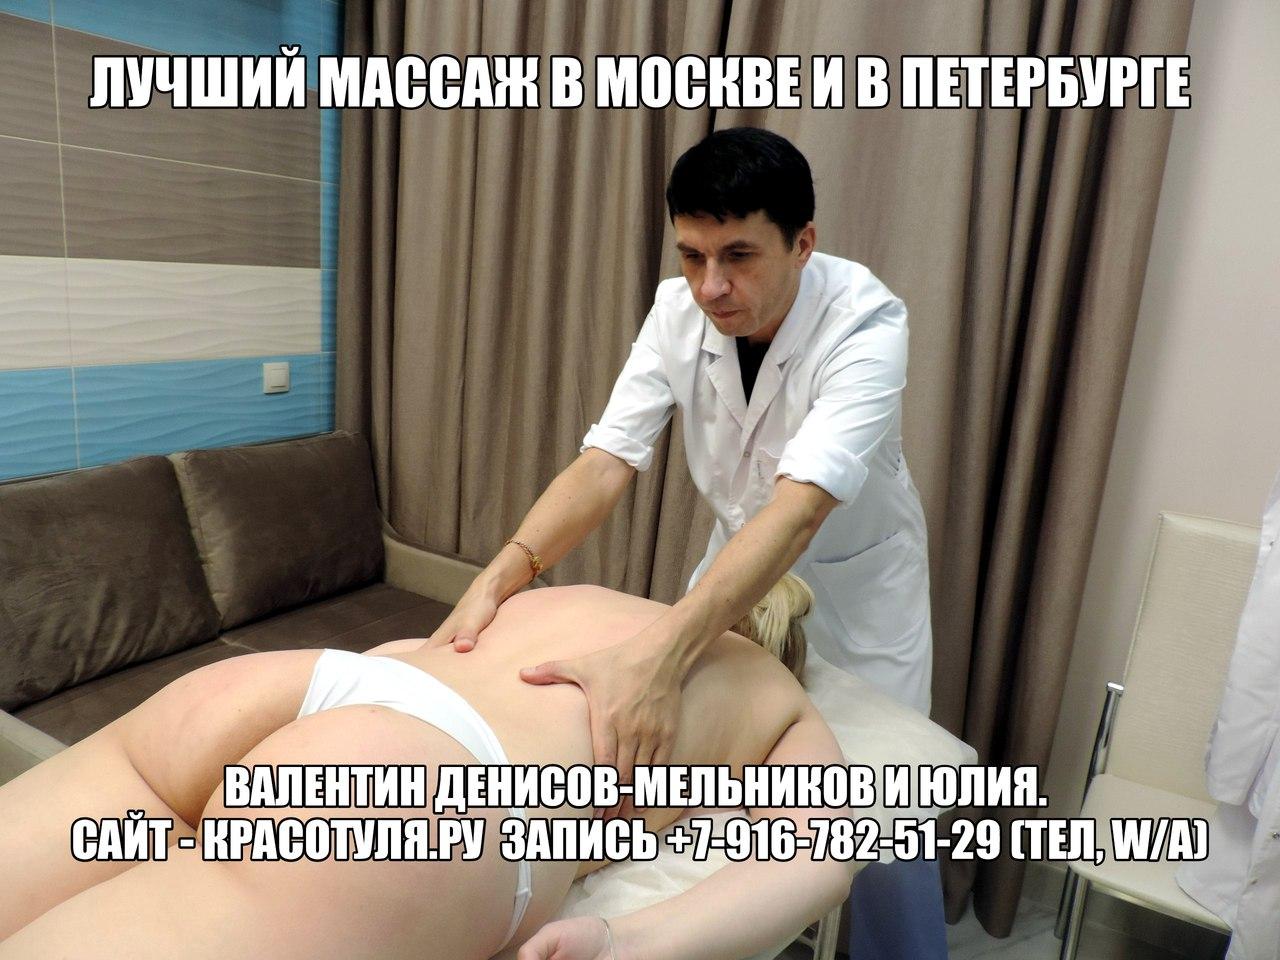 Как раздеваться на массаже, снимать трусы на массаже, массаж на голое тело,